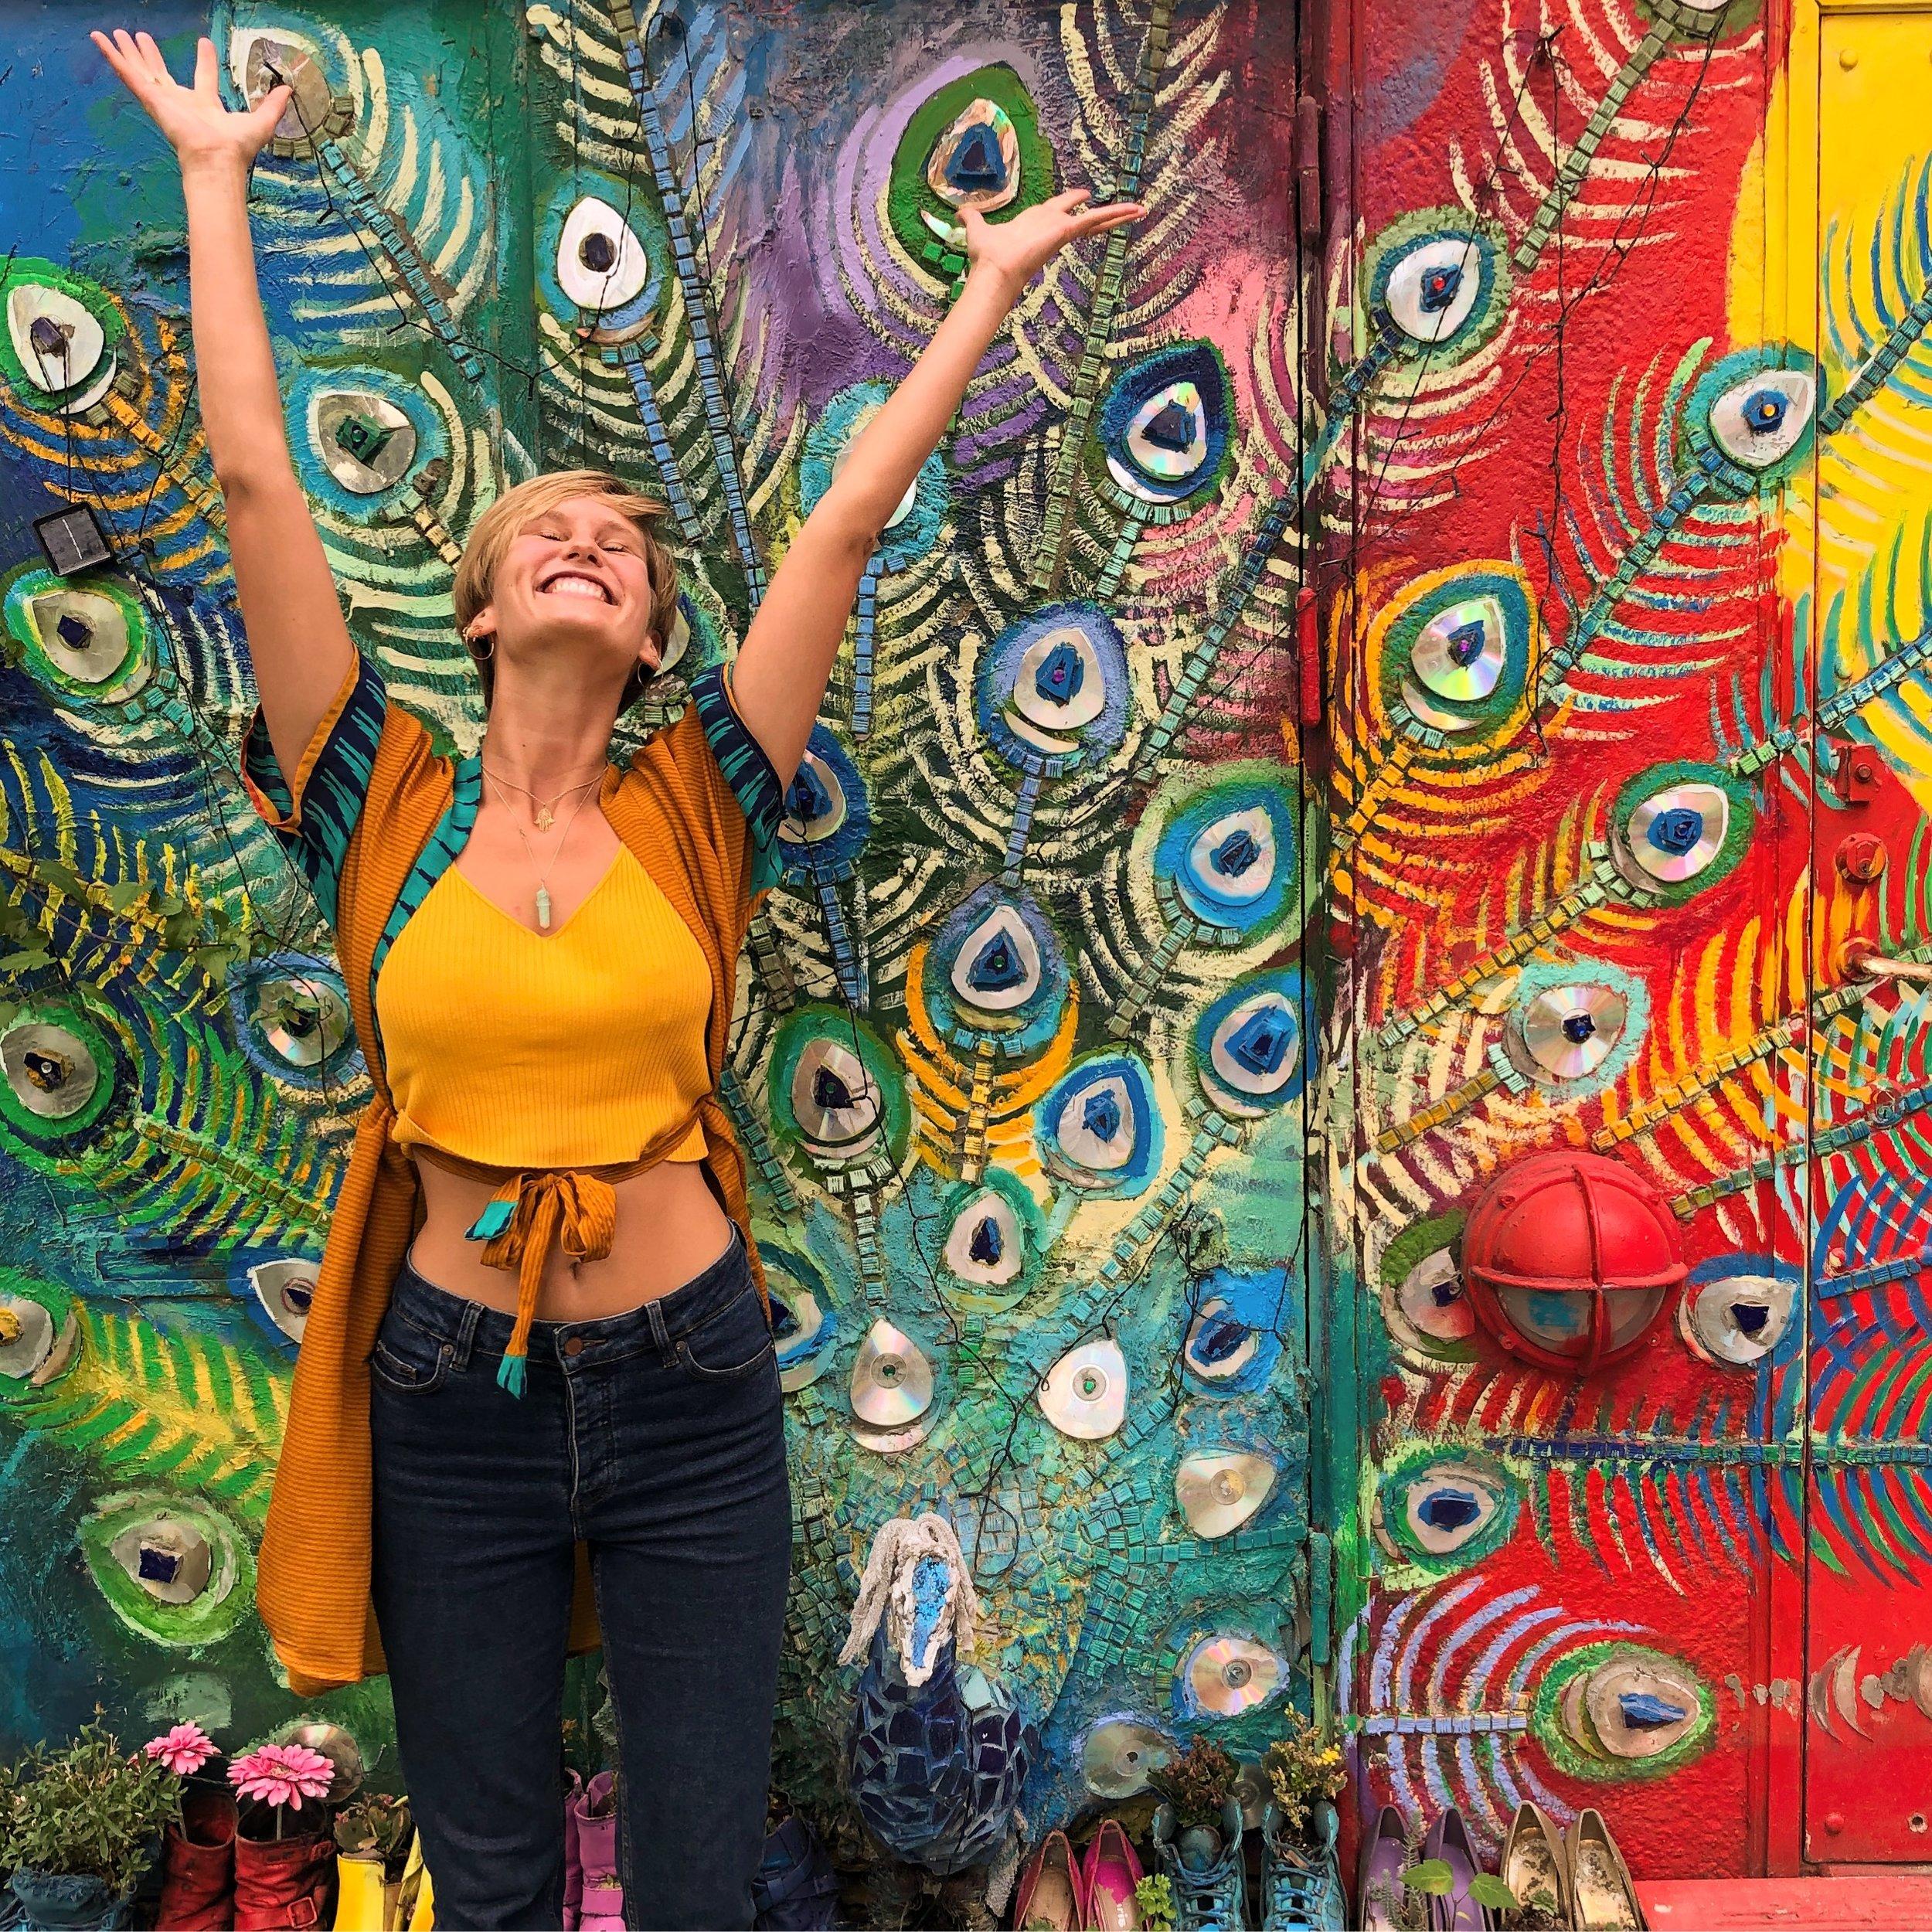 """Genvind din Glæde🤗 - Med """"Genvind din Glæde"""" får du et værktøj til at invitere mere god energi og glæde ind i dit liv🌟Du får adgang til to videoer, hvor jeg guider dig igennem refleksions-opgaver, som hjælper dig med at tage ansvar for din egen glæde🌼Du har for evigt adgang til denne fine sag og kan derfor gense den hver gang du får brug for et lille glædes-boost🌻"""